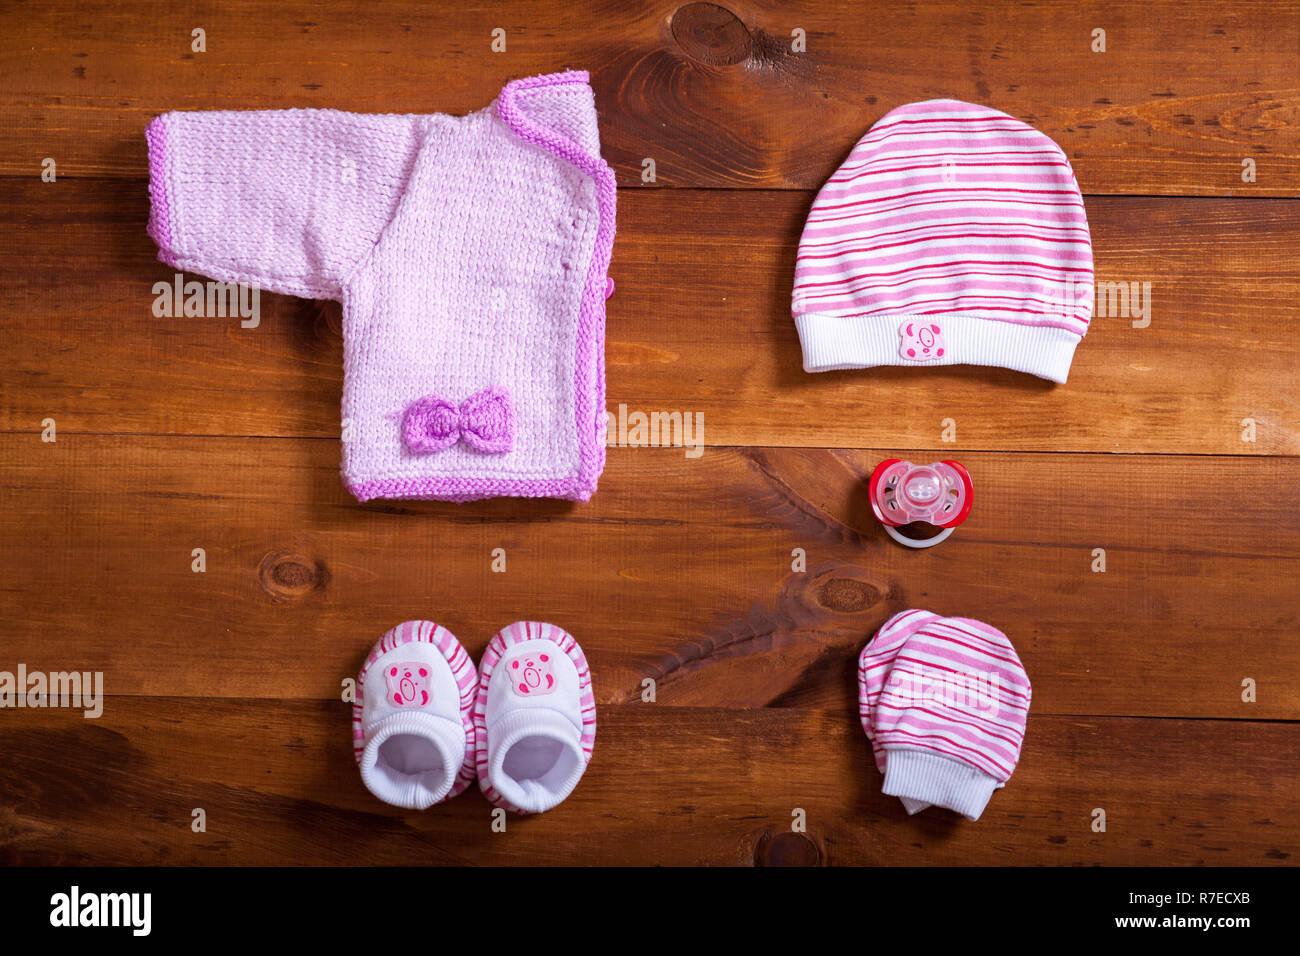 c4885069746ab Vêtements de bébé et des accessoires sur fond de bois brun